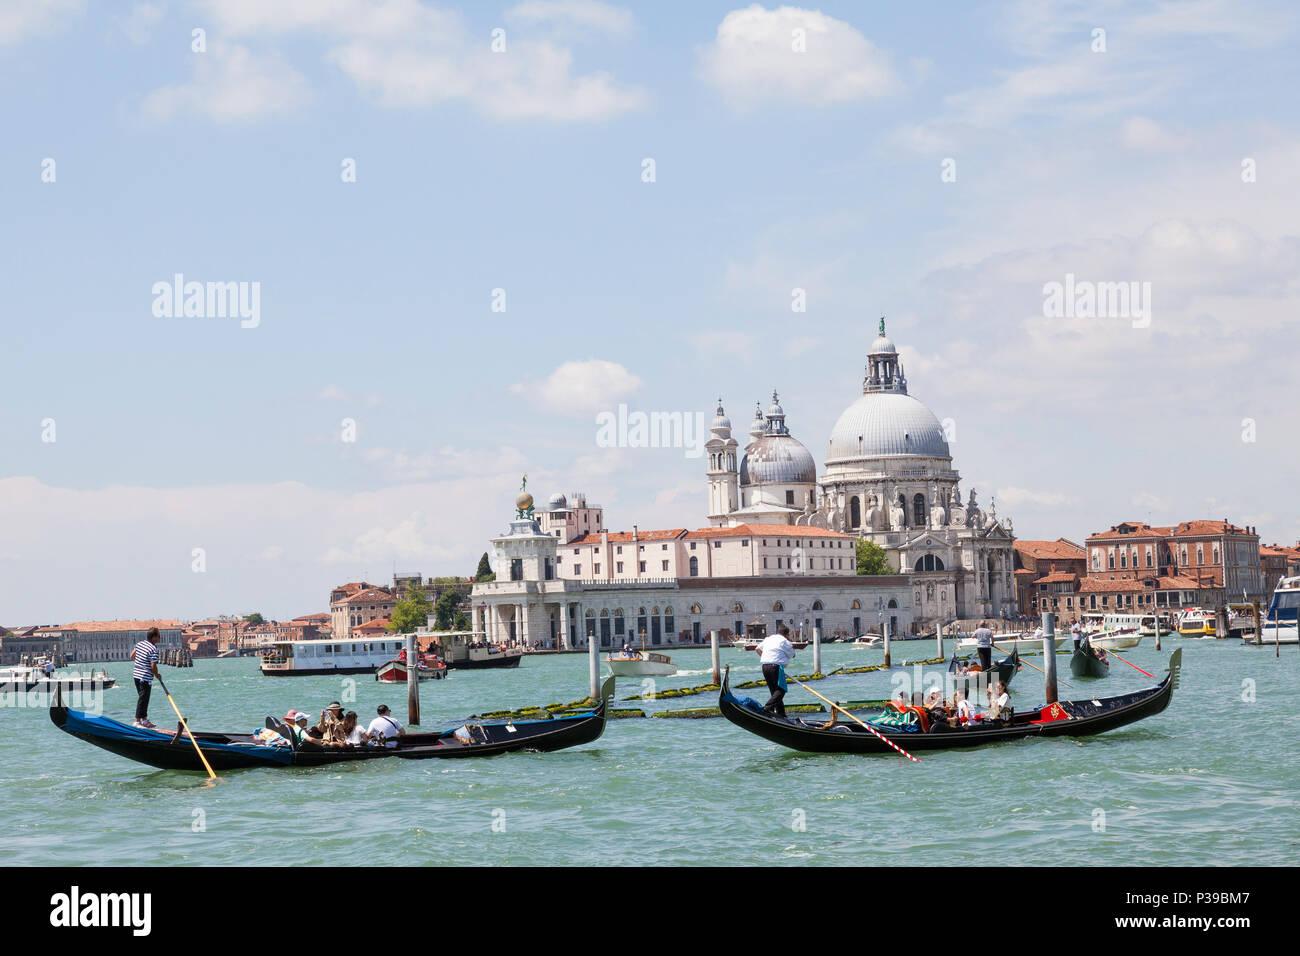 Gondolas  with Asian tourists in front of Punta della Dogana and Basilica di Santa Maria della Salute, Grand Canal, Venice,  Veneto, Italy. Busy biat  Stock Photo